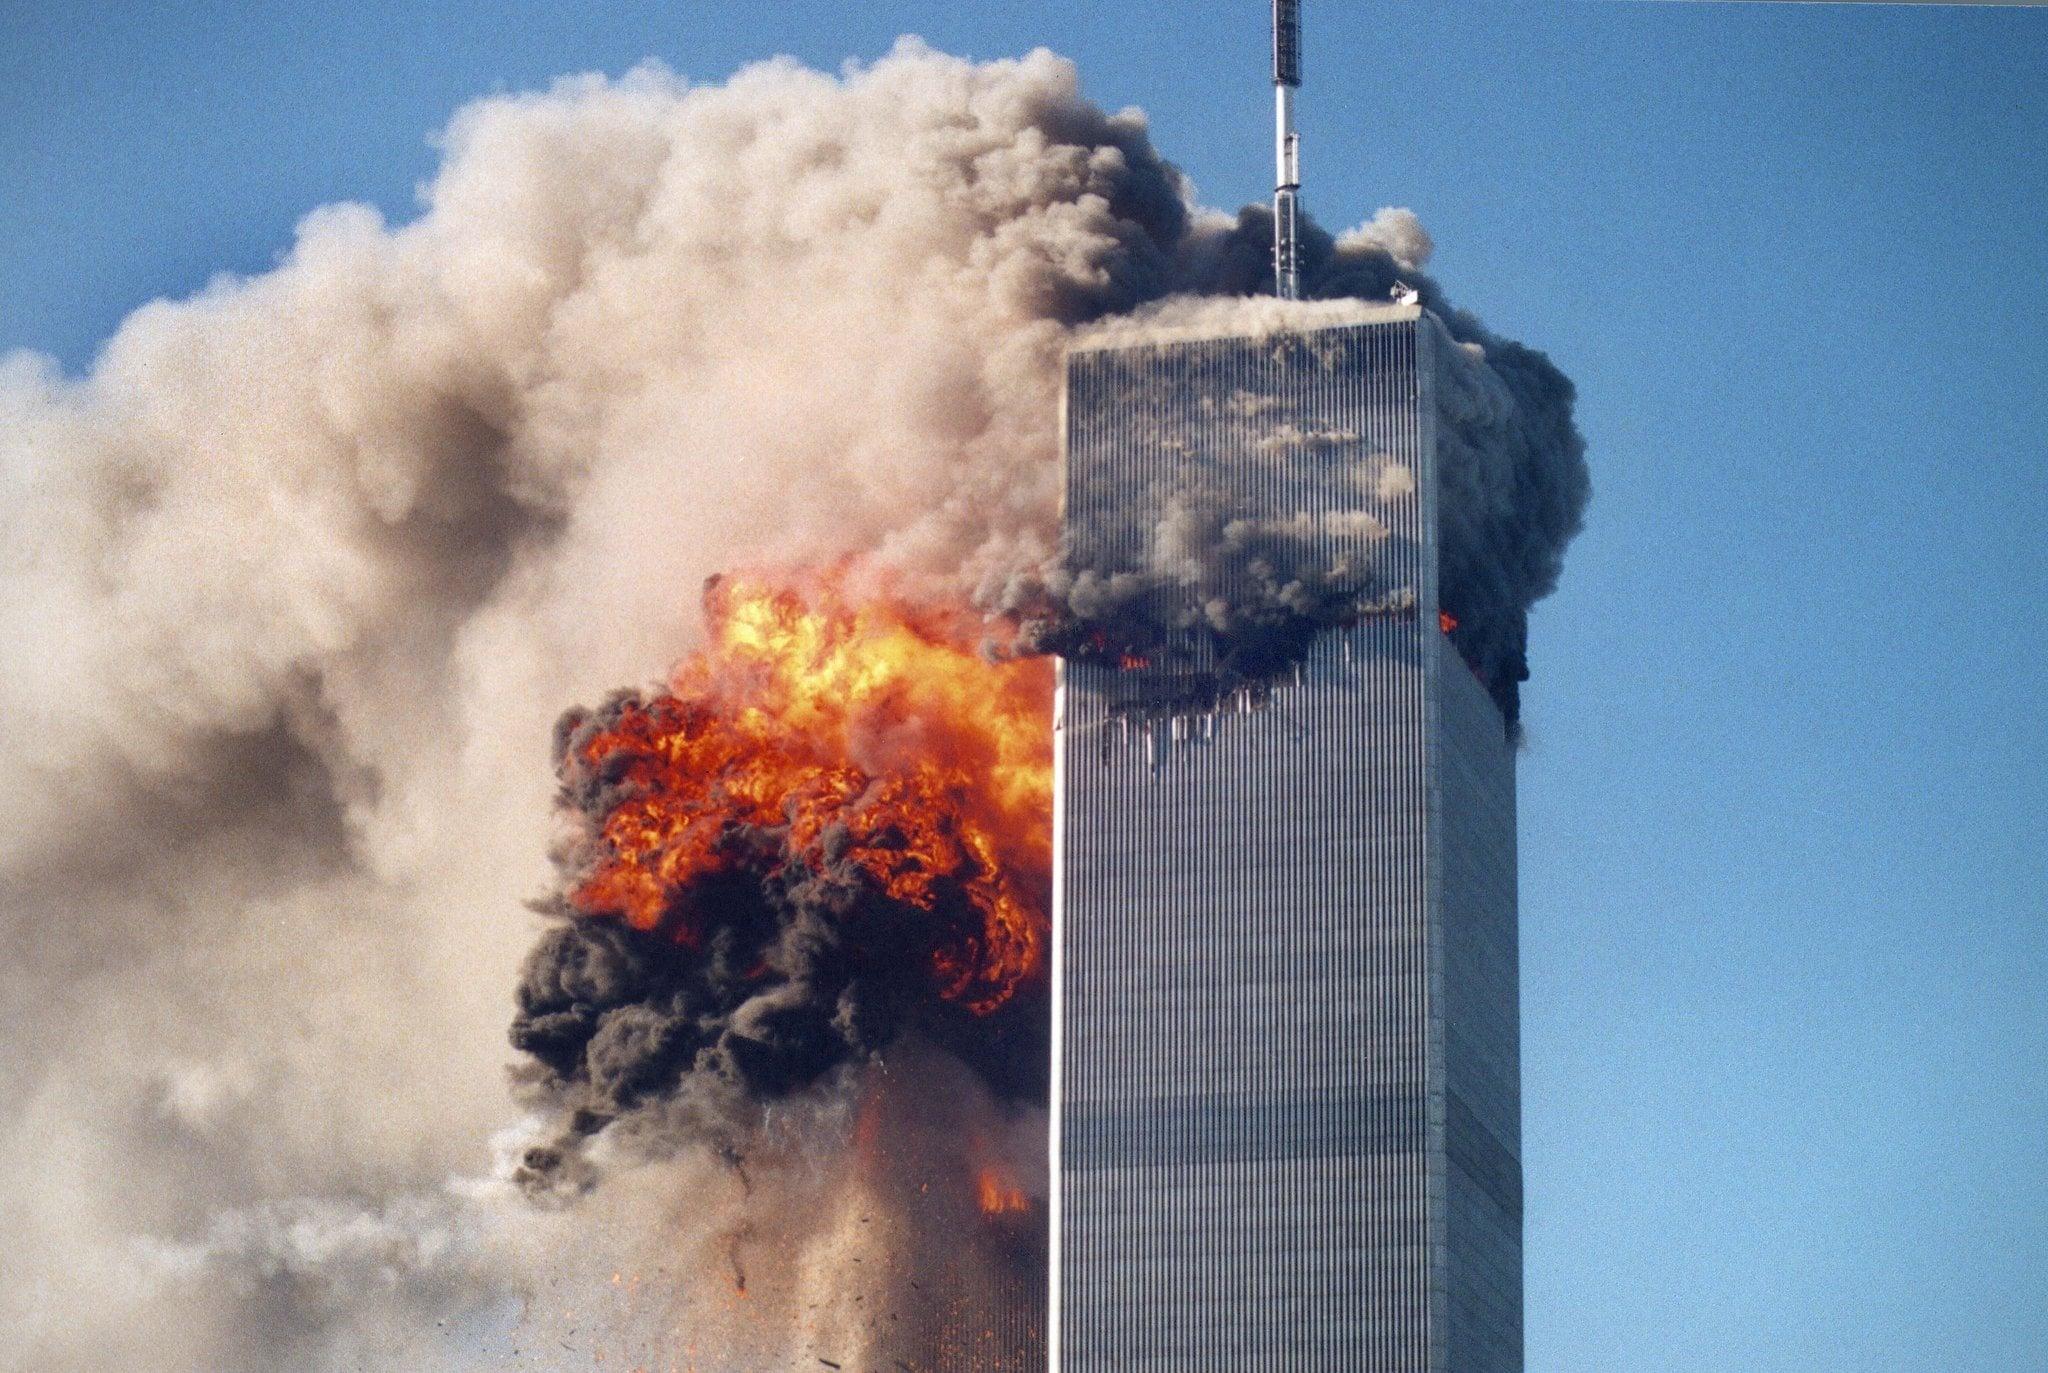 इतिहासमा आज – अमेरिकामा भयो संसारकै ठूलो आतङ्ककारी हमला